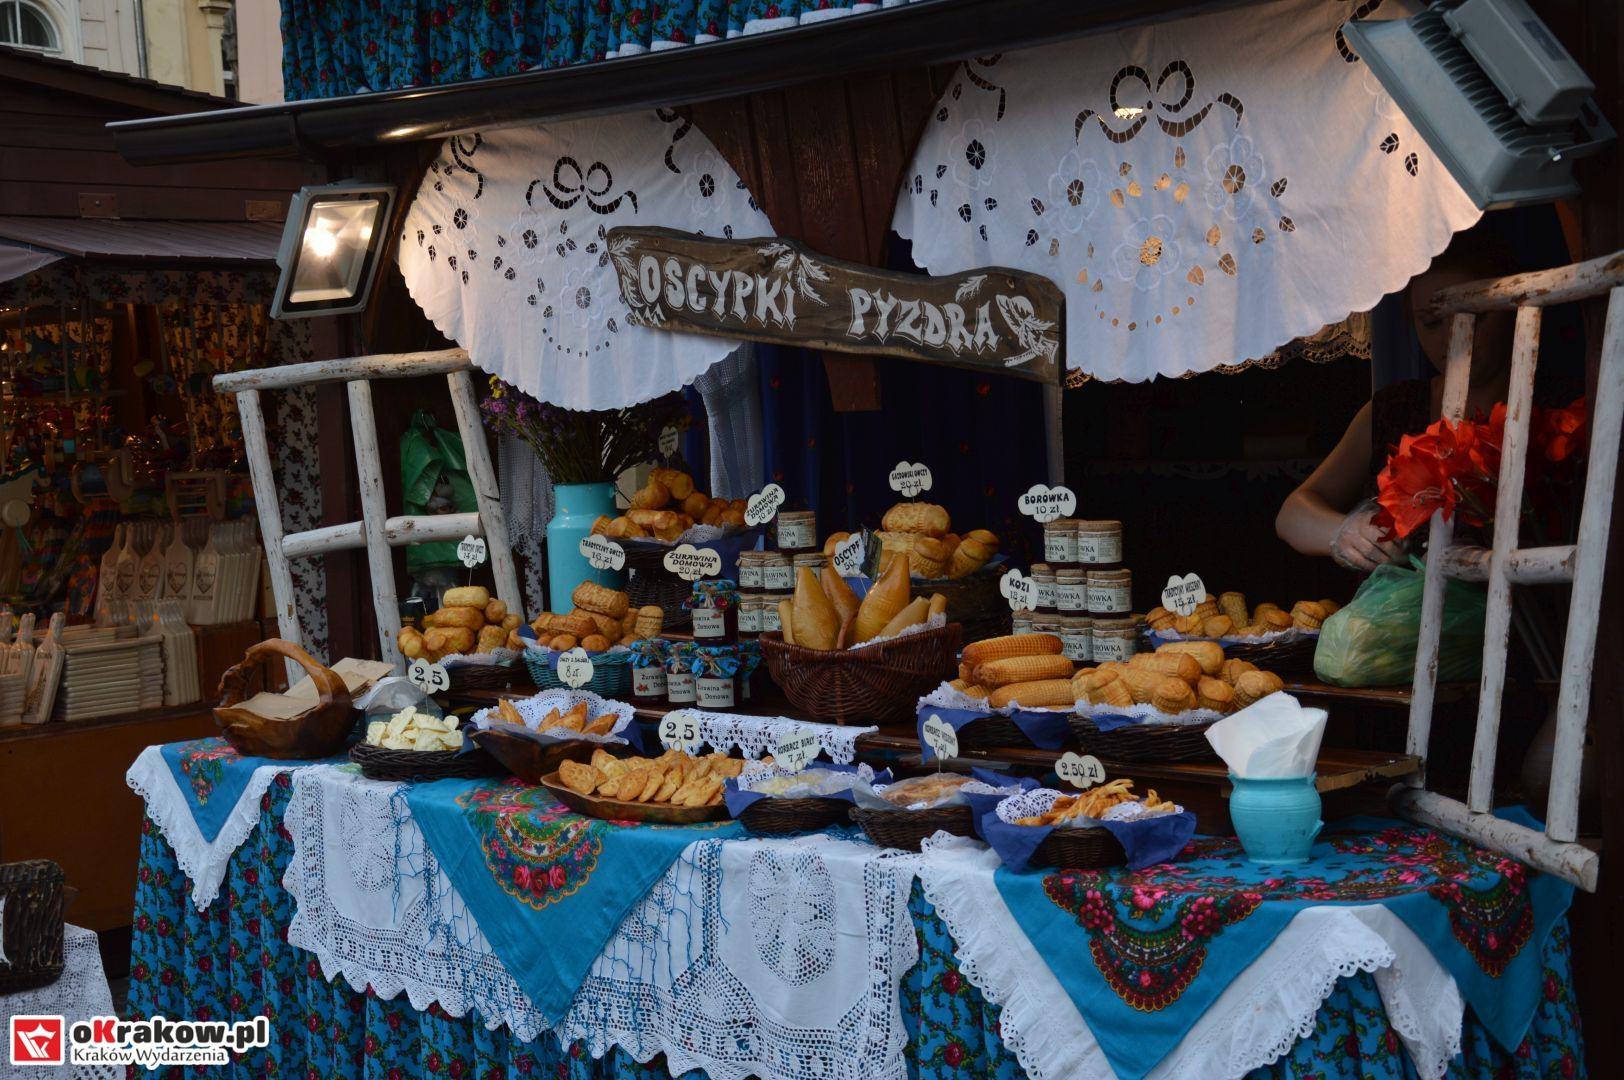 krakow festiwal pierogow maly rynek koncert cheap tobacco 76 150x150 - Galeria zdjęć Festiwal Pierogów Kraków 2018 + zdjęcia z koncertu Cheap Tobacco